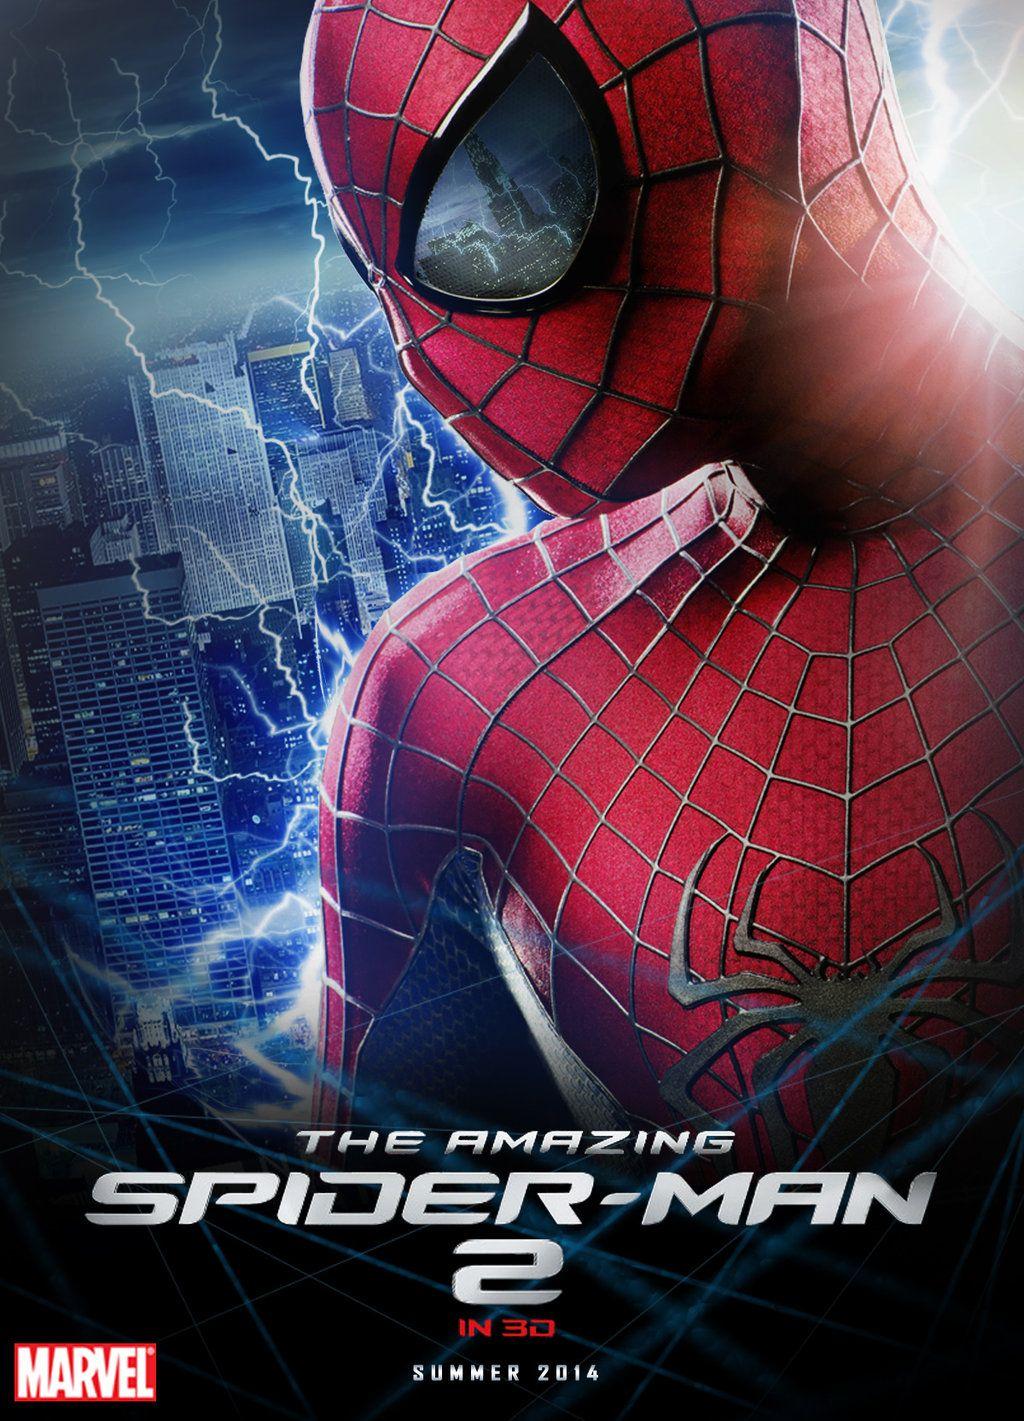 Inanılmaz örümcek Adam 2 Izle Full Hd Film Izle 123 Marvel